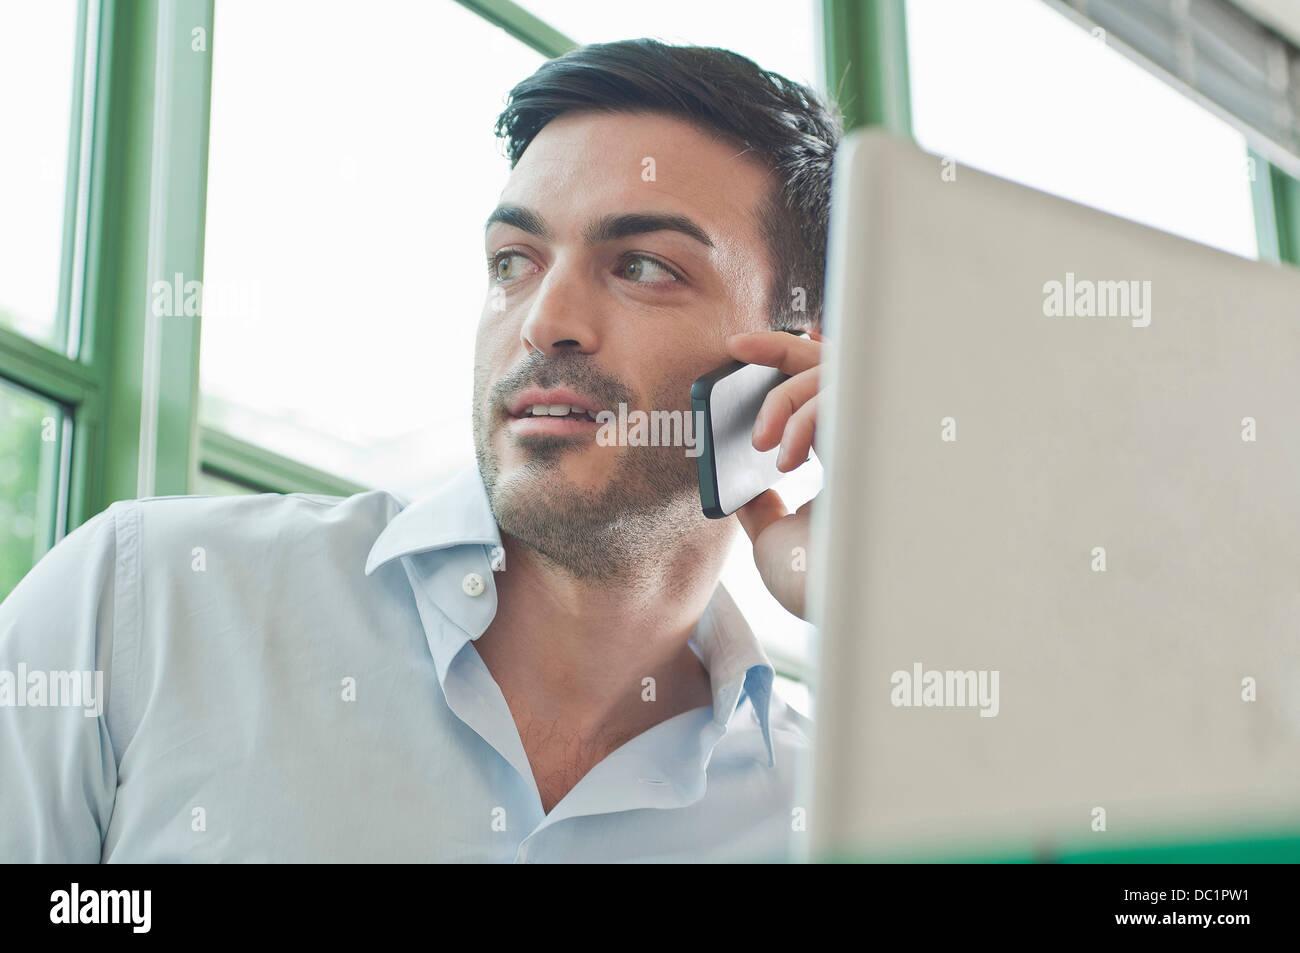 Nahaufnahme von jungen männlichen Büroangestellten telefonieren mit Handy Stockbild